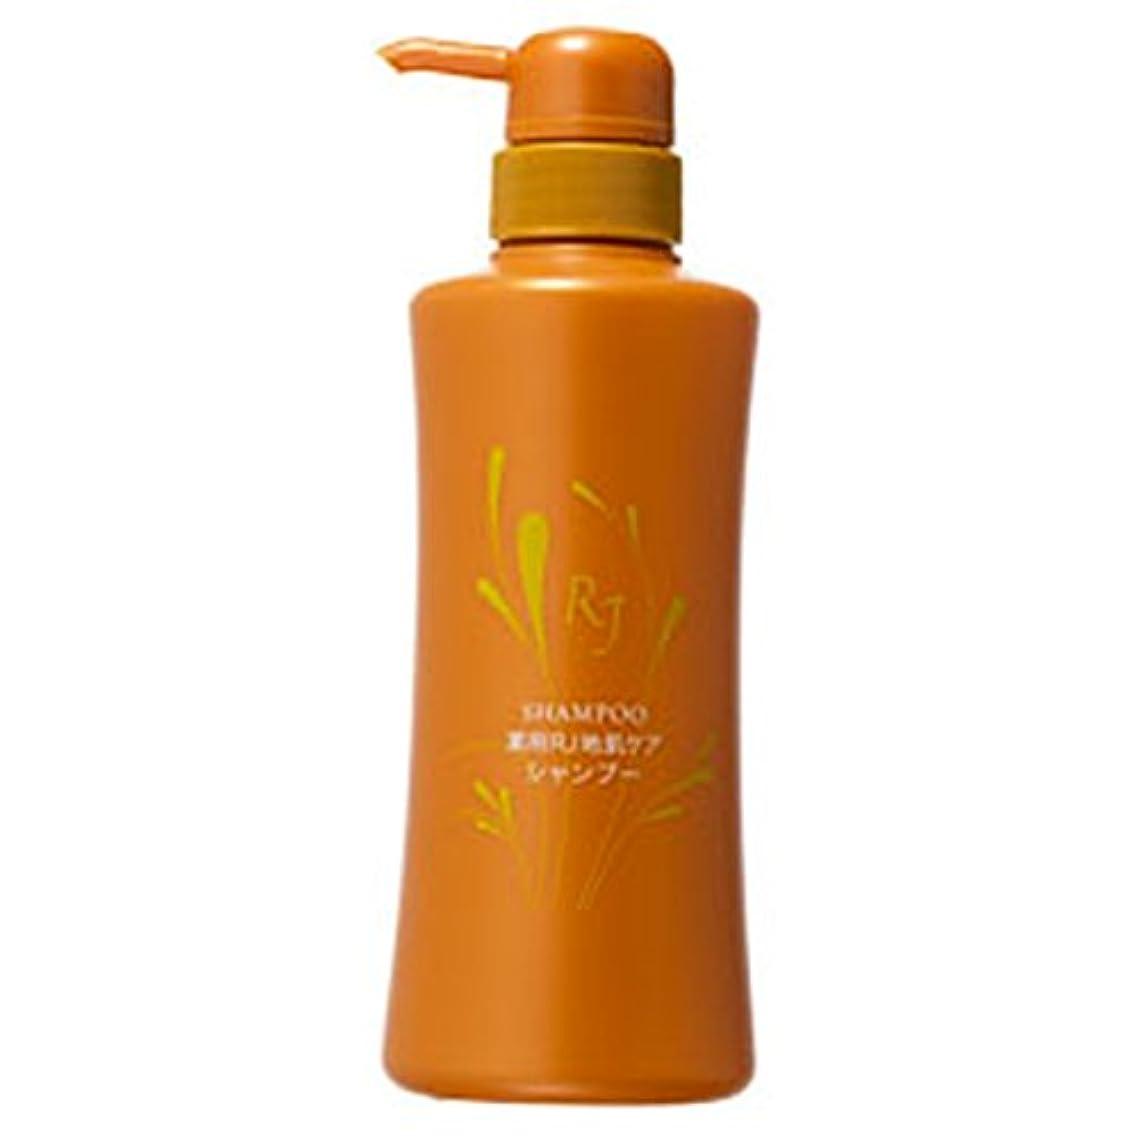 サイトいつ便利薬用RJ地肌(頭皮) ケア シャンプー 医薬部外品 400ml/ RJ Scalp Care Shampoo <400ml>, medicinal